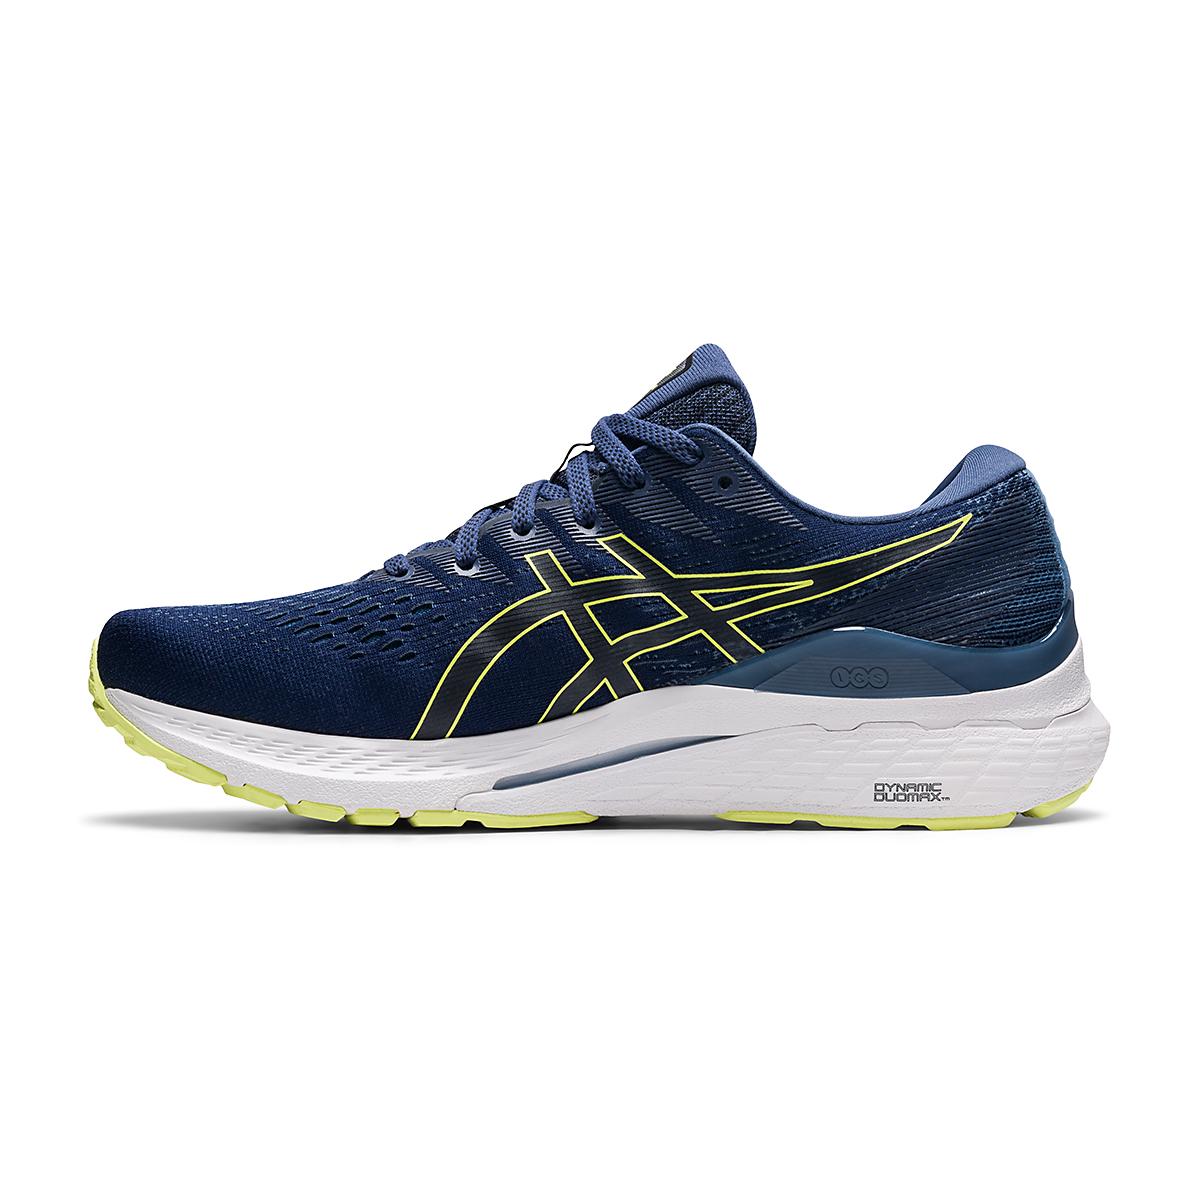 Men's Asics Gel-Kayano 28 Running Shoe - Color: Thunder Blue/Glow Yellow - Size: 7 - Width: Regular, Thunder Blue/Glow Yellow, large, image 2